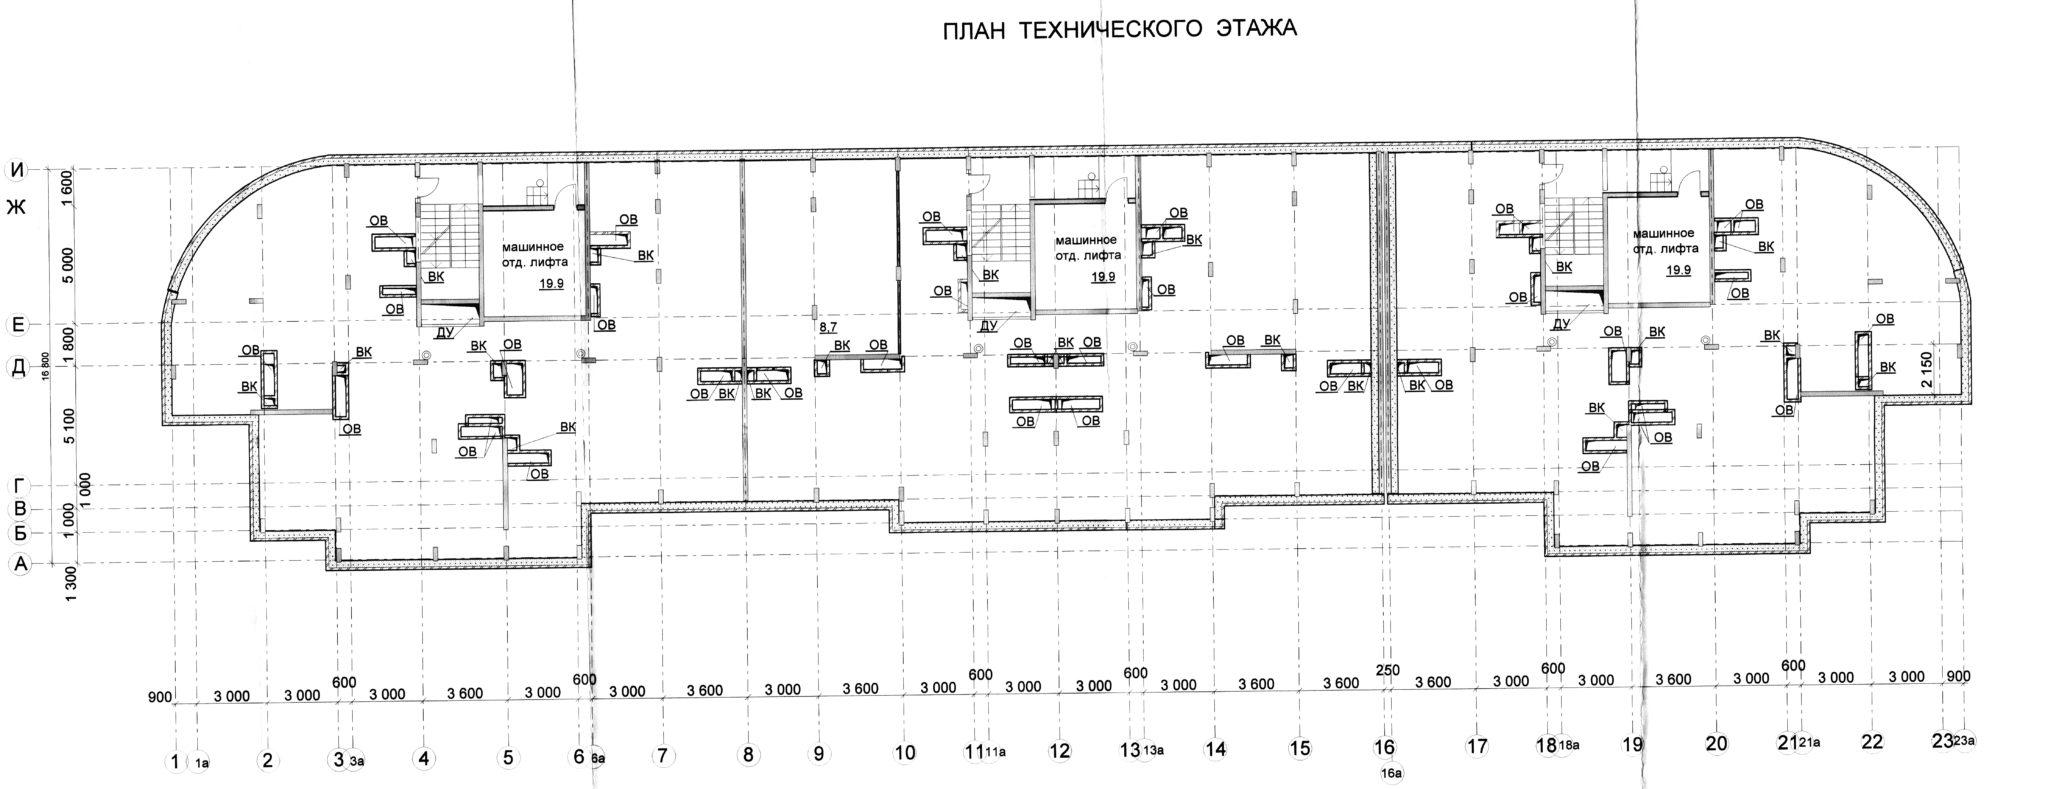 Планировка технического этажа ЖК МАКАРЕНКО